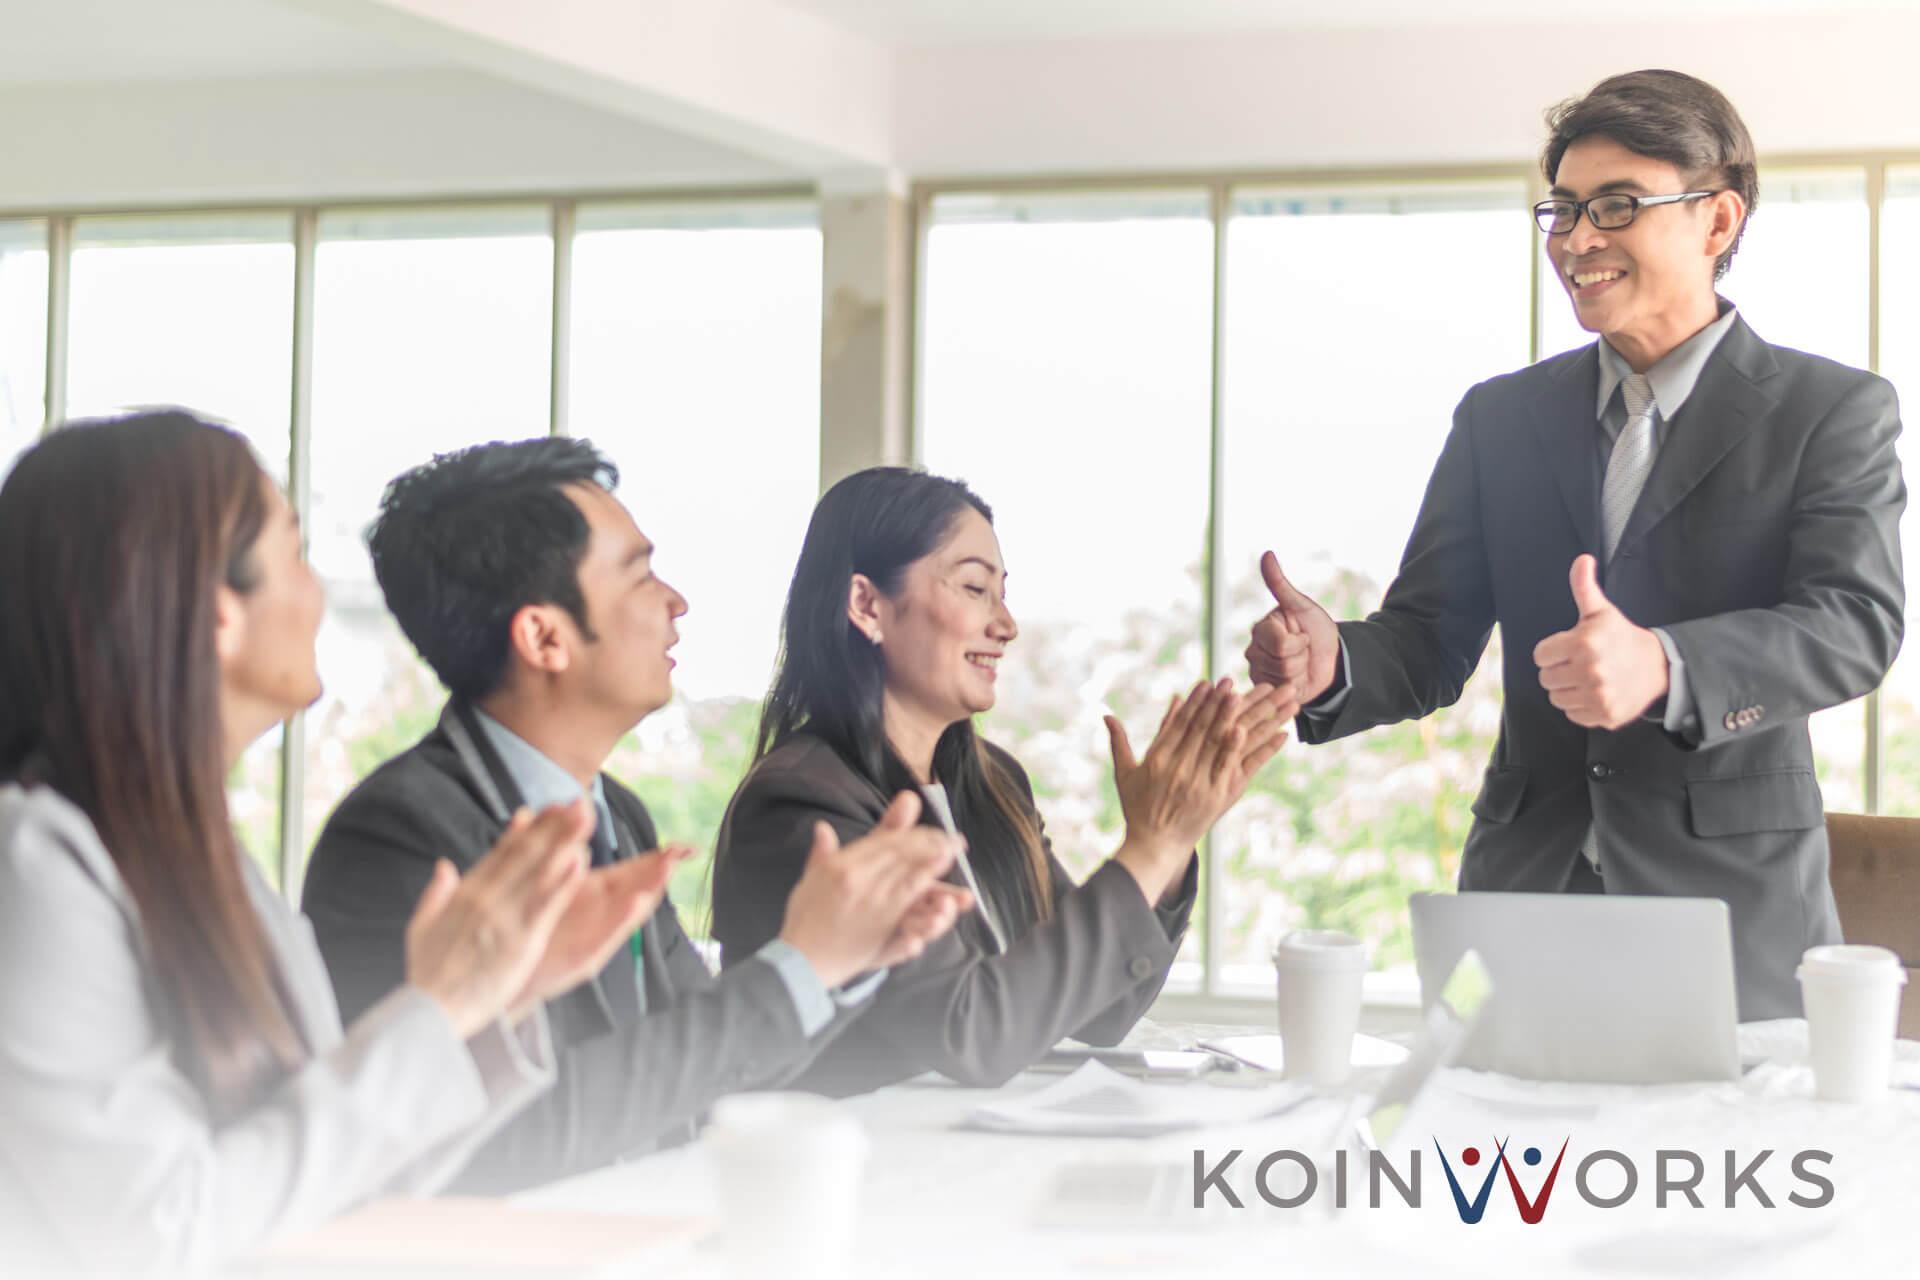 5 Cara Menggunakan Gestur Tangan Saat Sedang Presentasi, Ini Cara Memulainya! (1) - 3 Teknik Memperbaiki Keterampilan Berbicara di Depan Umum - Mengapa Belajar Bersama Mentor akan Memberikan Manfaat Lebih Banyak?